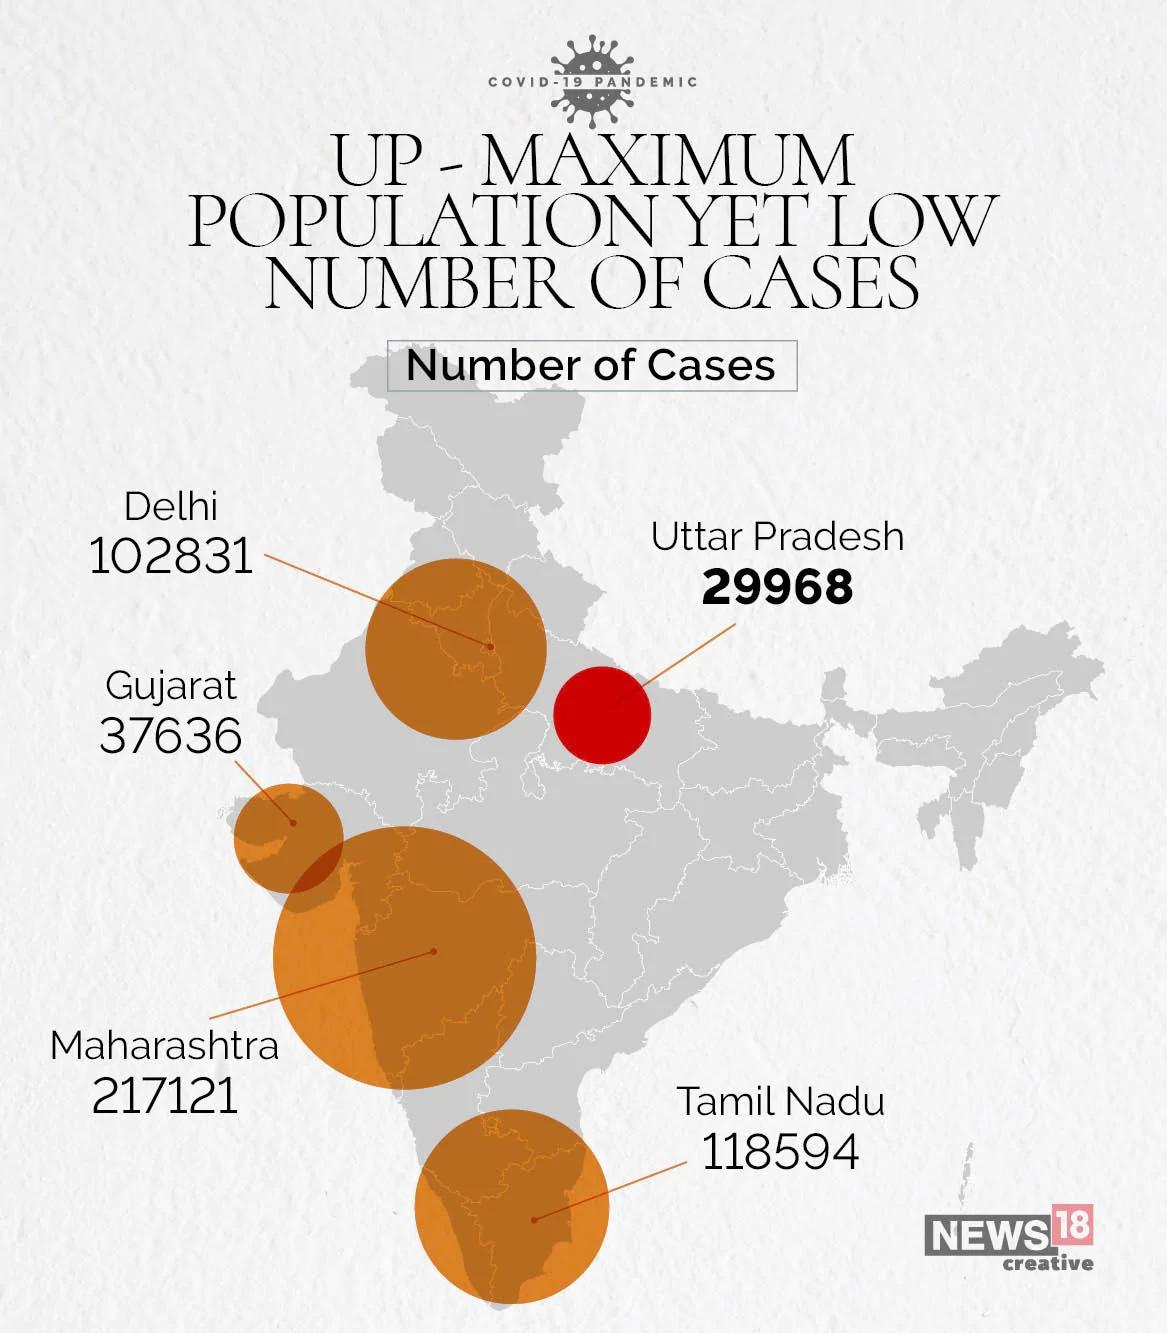 മഹാരാഷ്ട്ര, തമിഴ്നാട്, ഡൽഹി, ഗുജറാത്ത്, കർണാടക, പശ്ചിമബംഗാൾ, മധ്യപ്രദേശ്.. കോവിഡ് ഏറ്റവും രൂക്ഷമായ സംസ്ഥാനങ്ങളാണ് ഇവയെല്ലാം. എന്നാൽ ഈ പട്ടികയിൽ ഏറ്റവും അധികം ജനസംഖ്യയുള്ള യുപിയുടെ പേരില്ല. മഹാരാഷ്ട്രയുടെ ഇരട്ടി ജനസംഖ്യയുണ്ടായിട്ടും രോഗബാധിതരുടെ എണ്ണത്തിൽ അഞ്ചാം സ്ഥാനത്താണ് ഉത്തർപ്രദേശ്. ദശലക്ഷംപേരിലെ രോഗബാധിതരുടെ കണക്കെടുത്താൽ പിന്നിലാണ് യുപിയുടെ സ്ഥാനം. മേഘാലയ, ജാർഖണ്ഡ്, ബിഹാർ, ഛത്തീസ്ഗഡ് എന്നീ സംസ്ഥാനങ്ങൾ മാത്രമാണ് യുപിക്ക് പിന്നിലുള്ളത്.